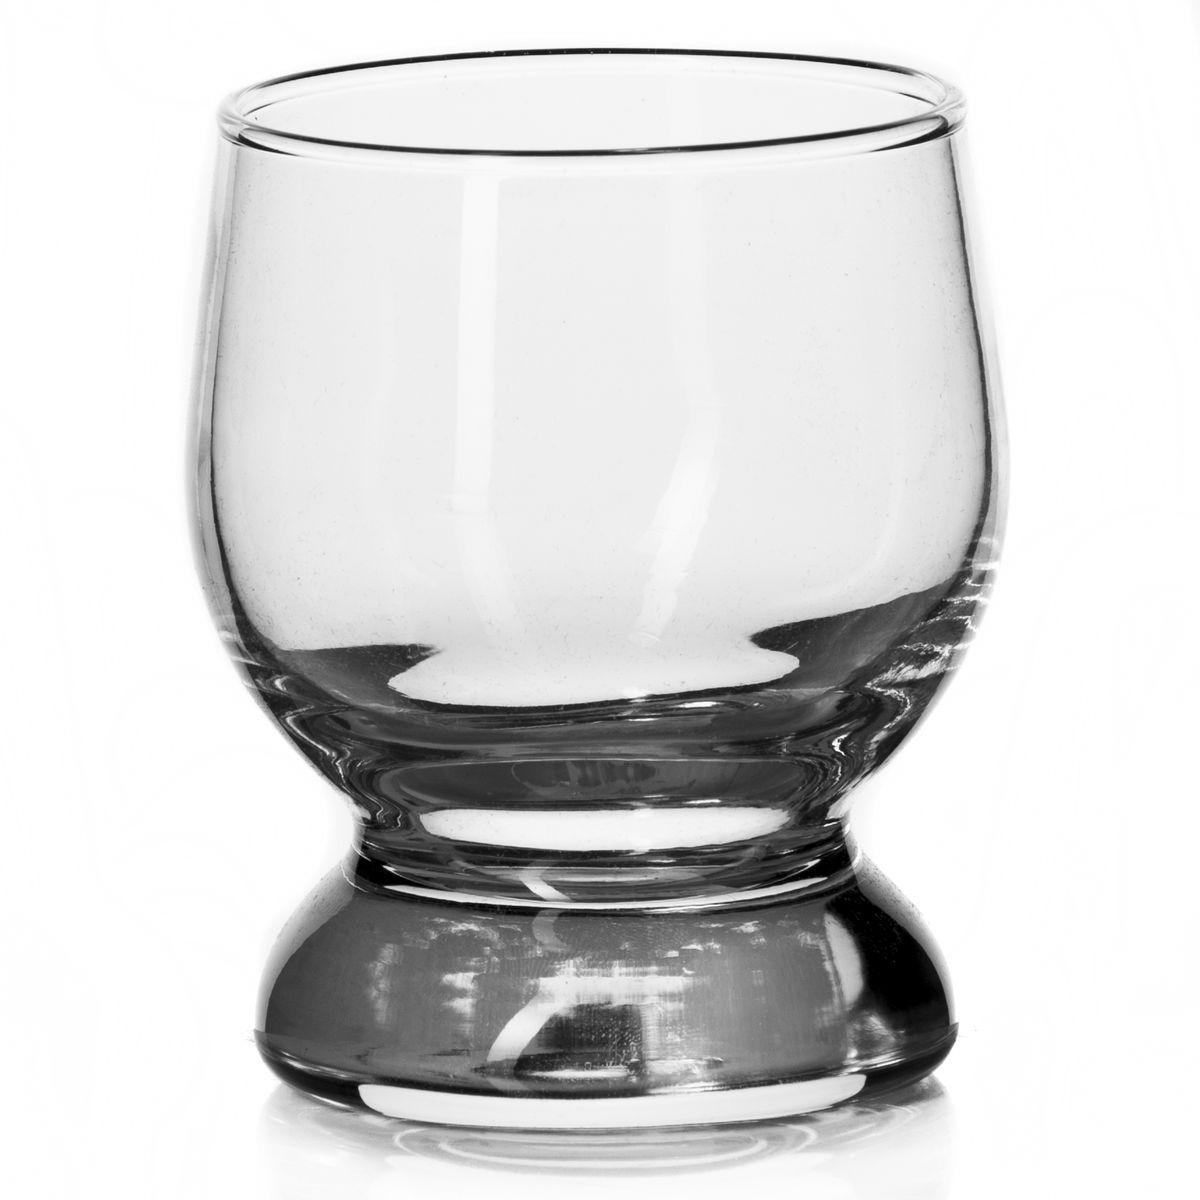 Набор стаканов Pasabahce Aquatic, 222 мл, 6 штVT-1520(SR)Набор Pasabahce Aquatic, состоящий из шести низких стаканов, несомненно, придется вам по душе. Стаканы предназначены для подачи сока, воды и других напитков. Они изготовлены из прочного высококачественного прозрачного натрий-кальций-силикатного стекла и имеют толстое дно. Стаканы сочетают в себе элегантный дизайн и функциональность. Благодаря такому набору пить напитки будет еще вкуснее.Набор стаканов Pasabahce Aquatic идеально подойдет для сервировки стола и станет отличным подарком к любому празднику.Можно использовать в холодильной камере, микроволновой печи и мыть в посудомоечной машине.Диаметр стакана по верхнему краю: 6,8 см. Диаметр дна: 6,4 см.Высота стакана: 9,2 см.